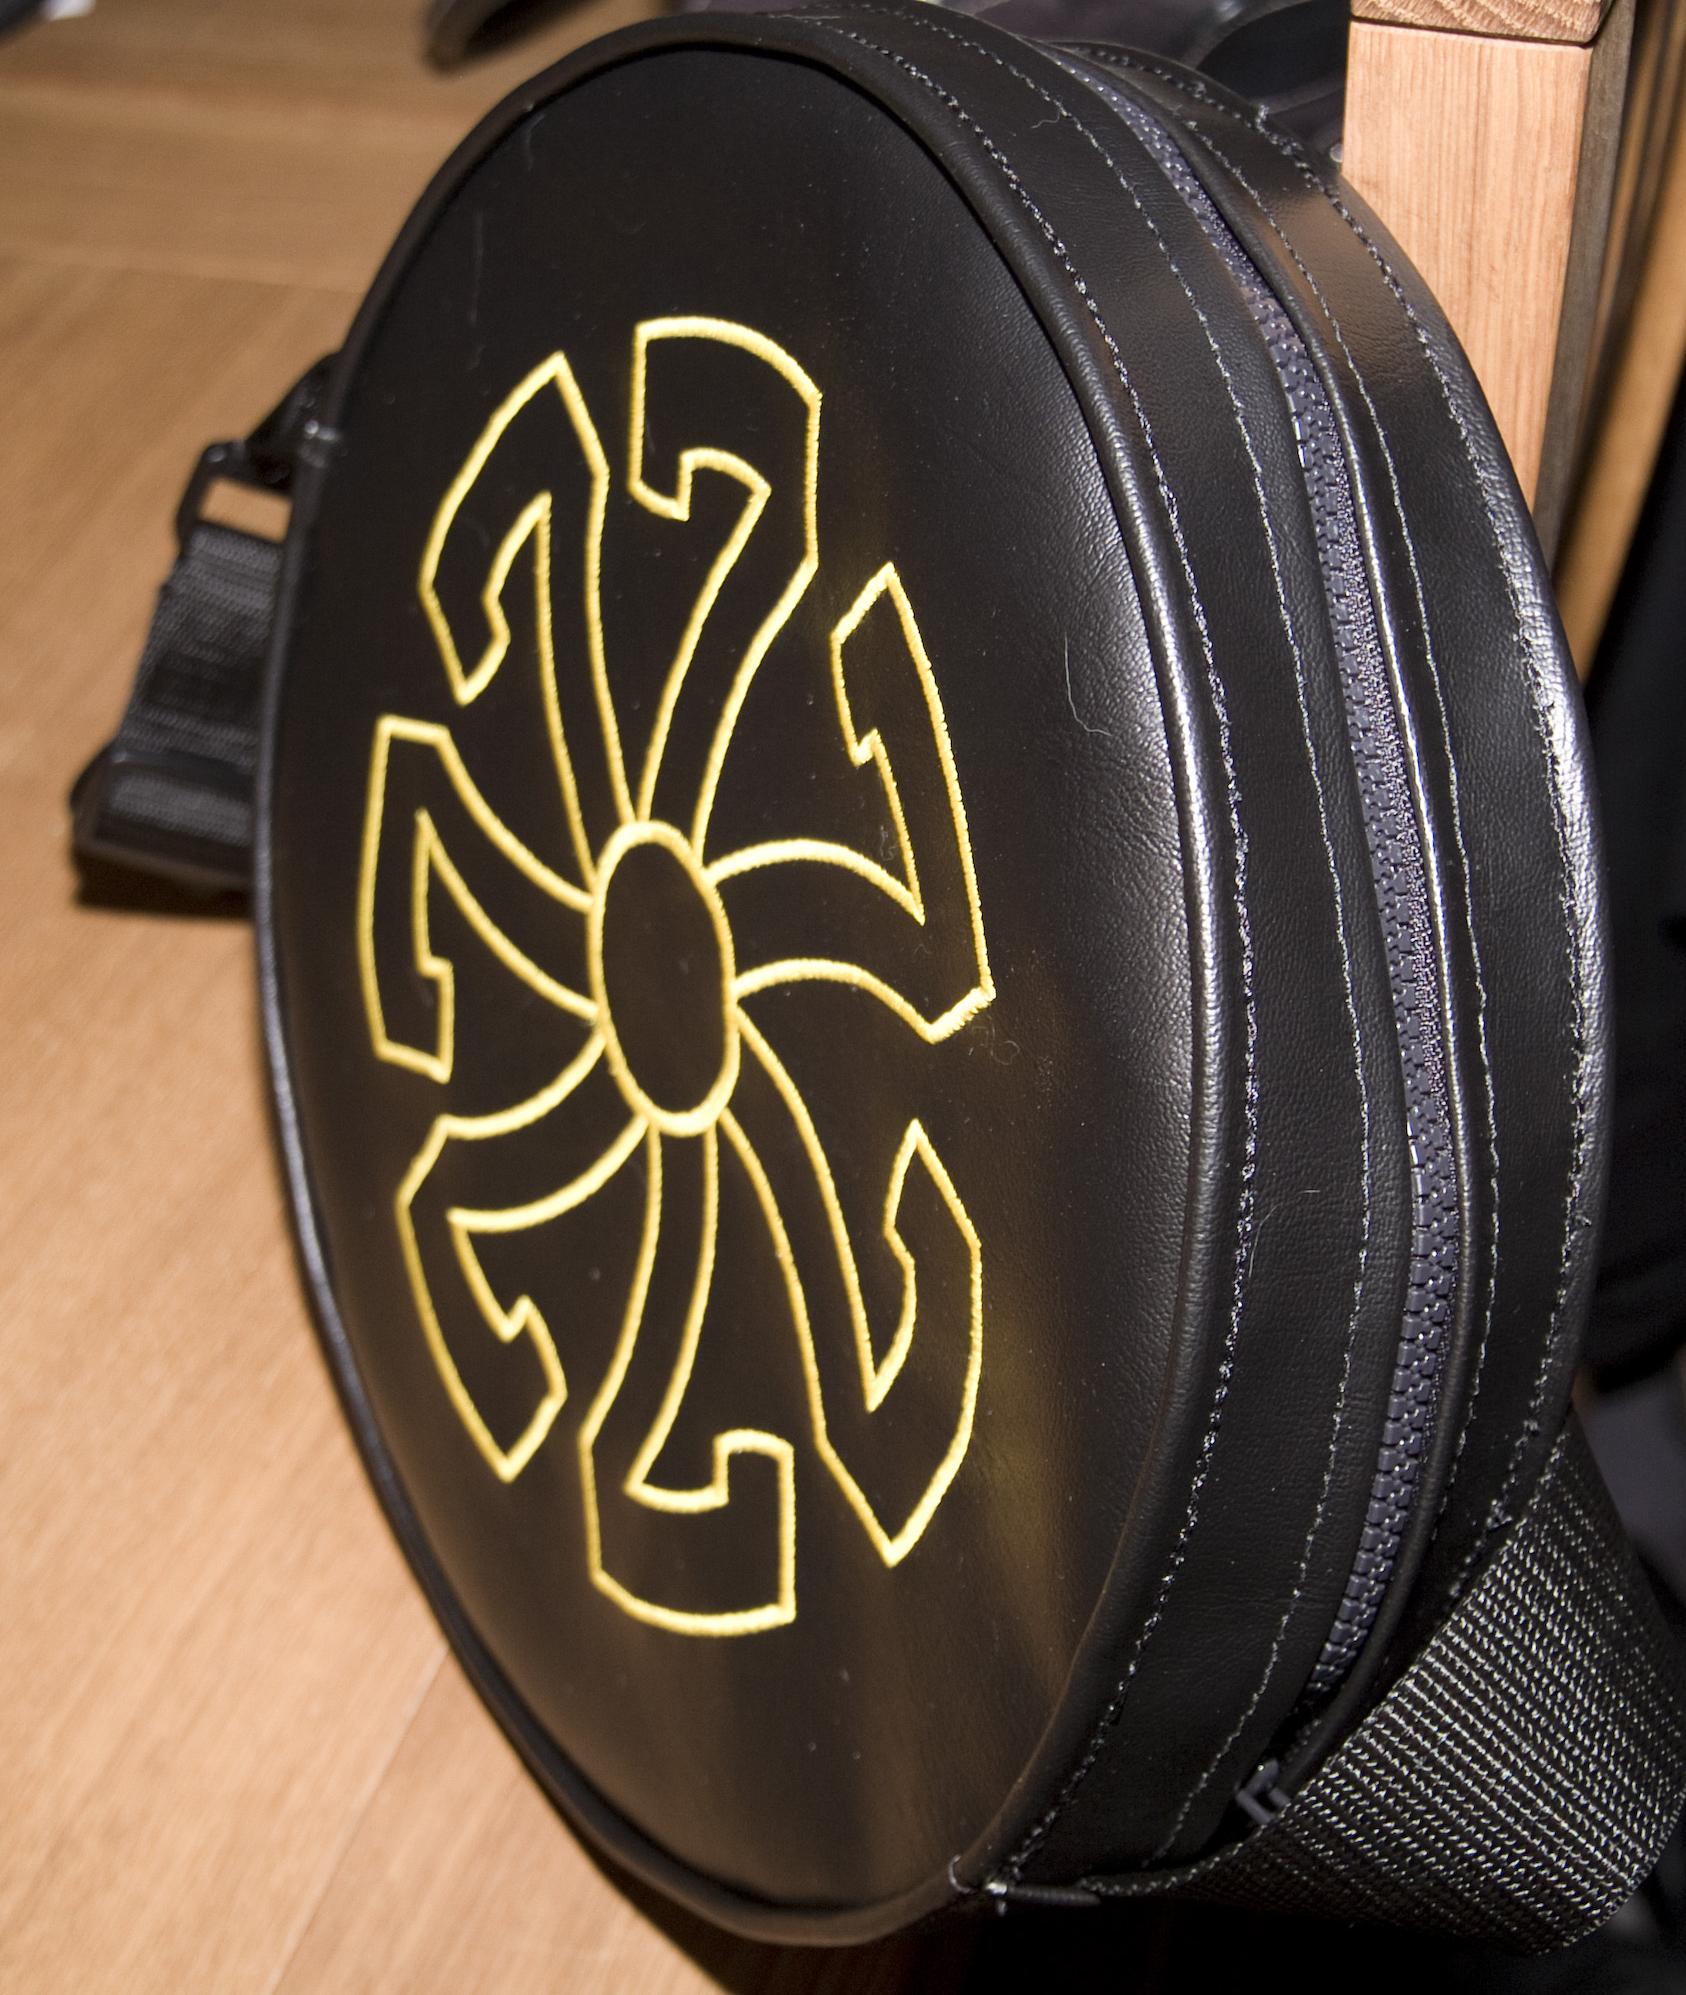 Steering wheel bag lesley storr designs